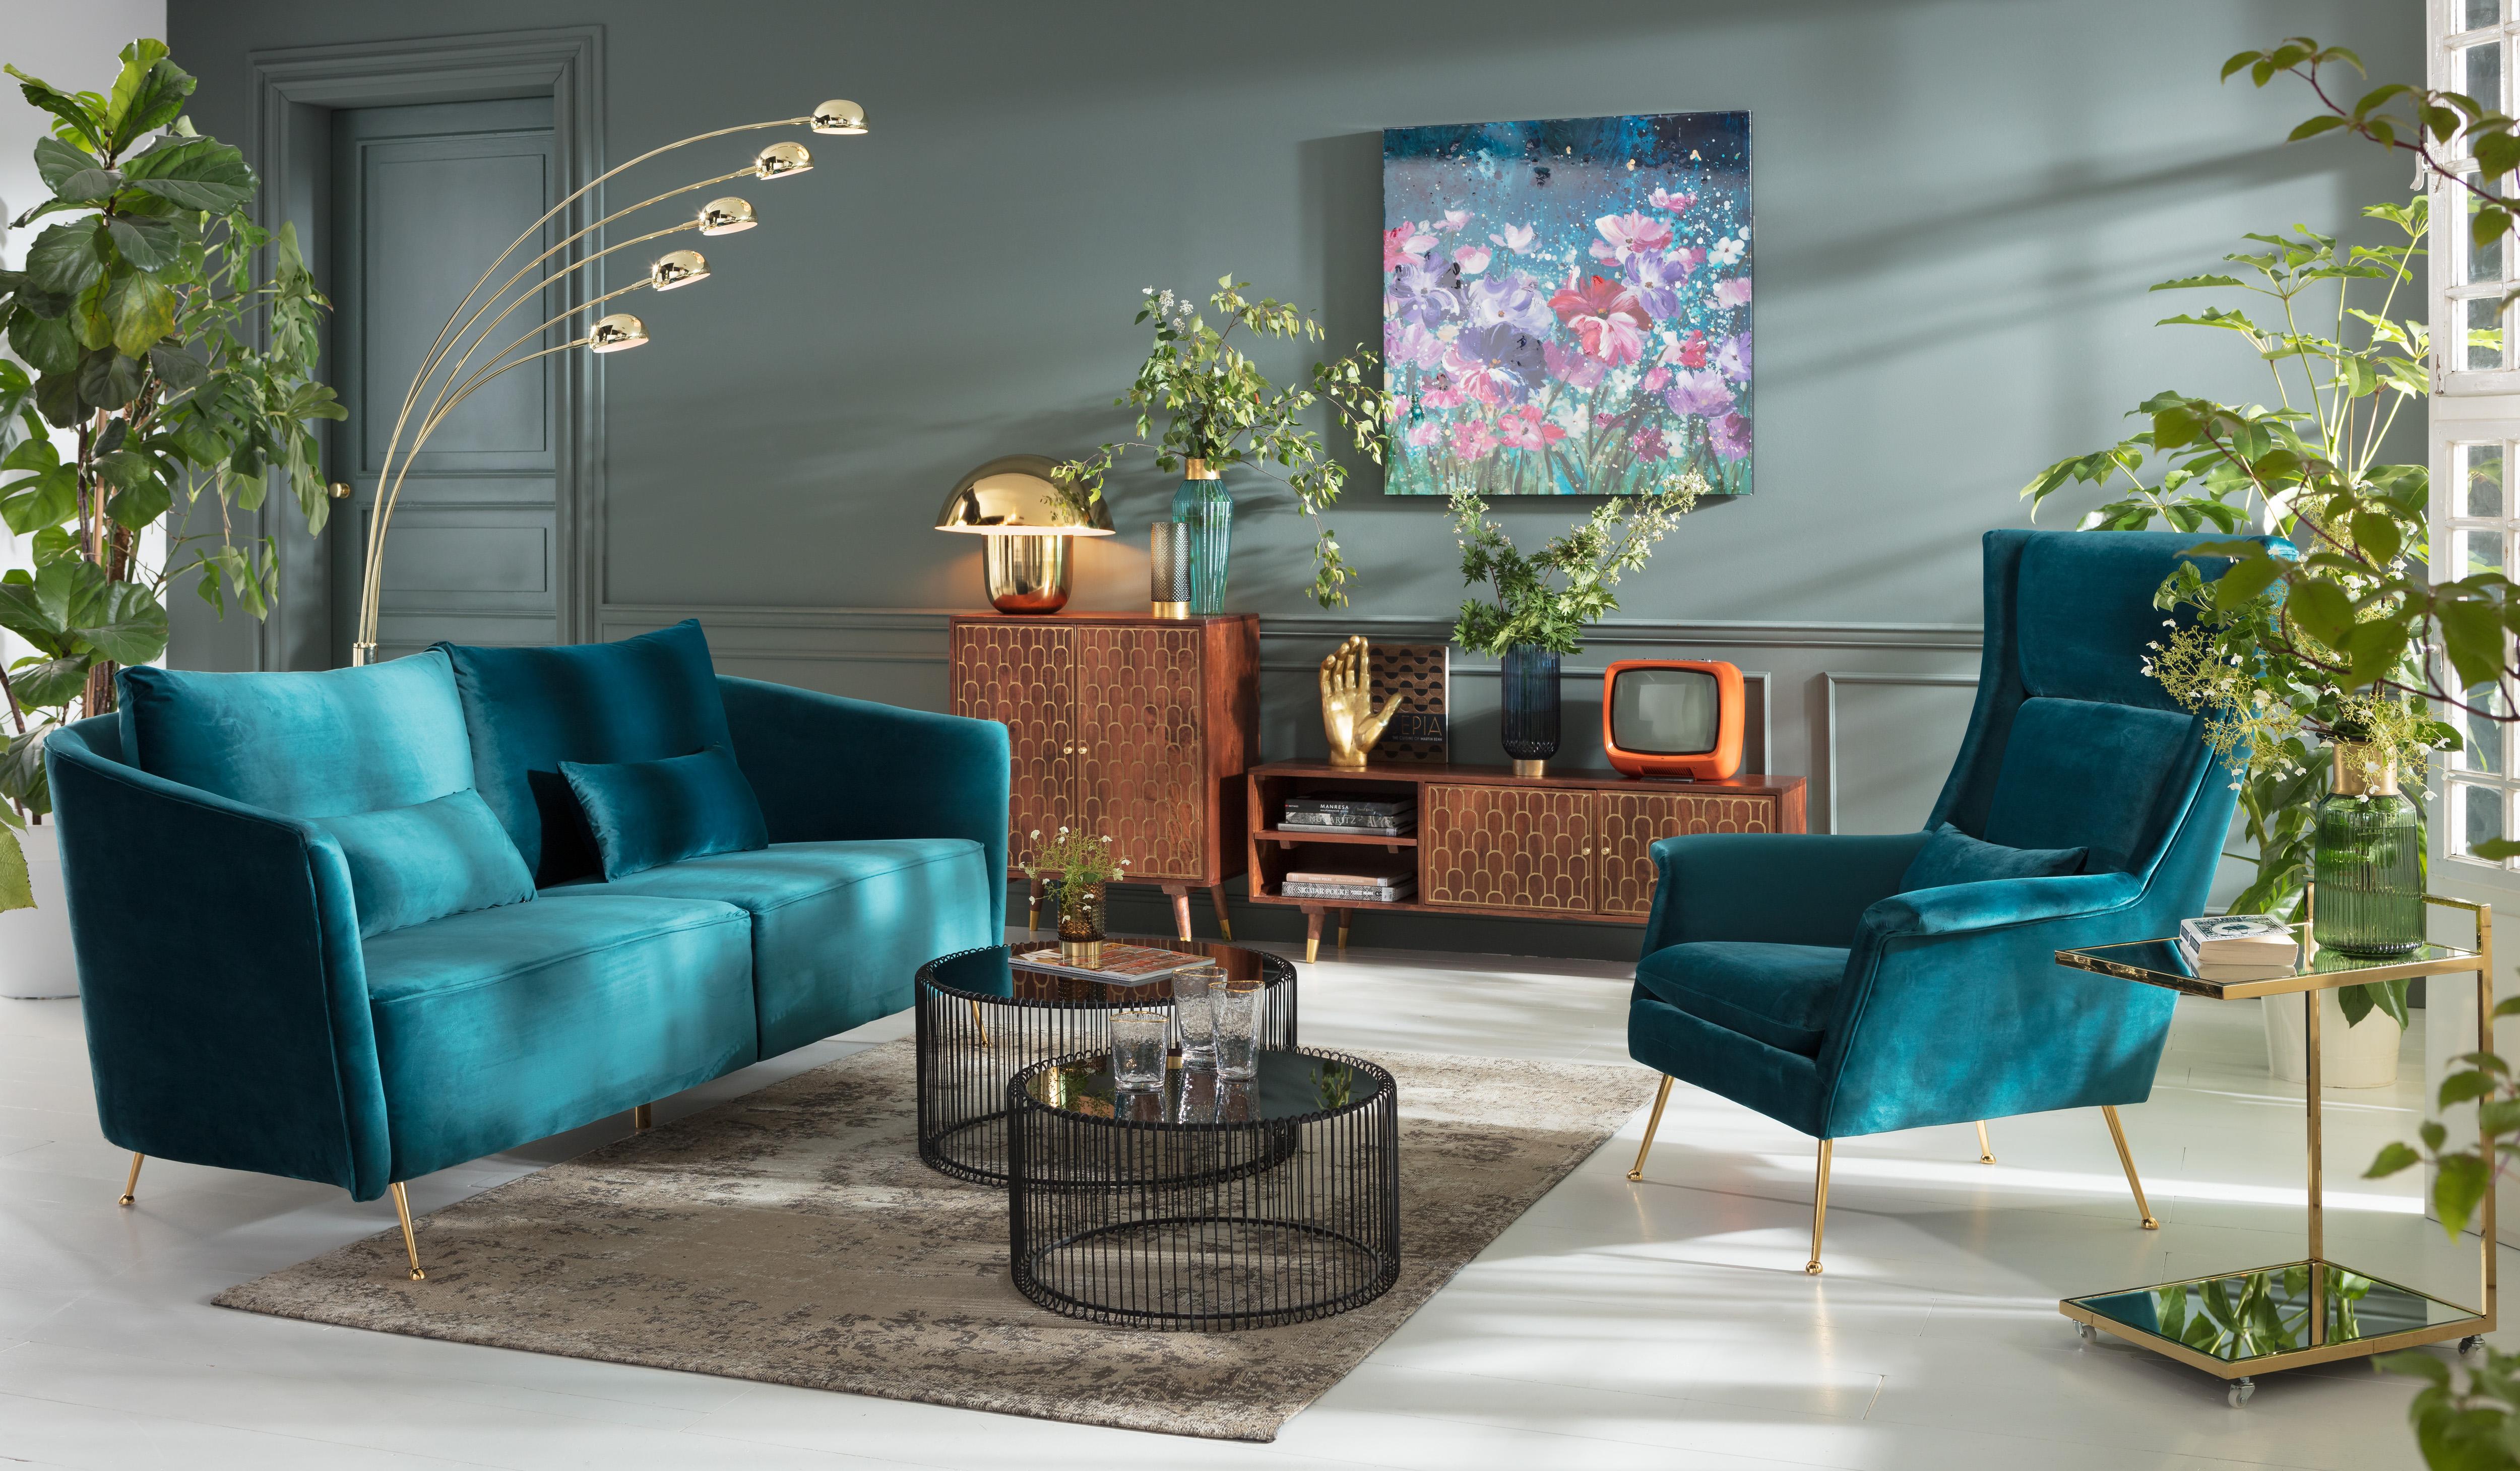 imm k ln wohntrends 2019 der neue glamour kommt tsch ss purismus willkommen presseportal. Black Bedroom Furniture Sets. Home Design Ideas